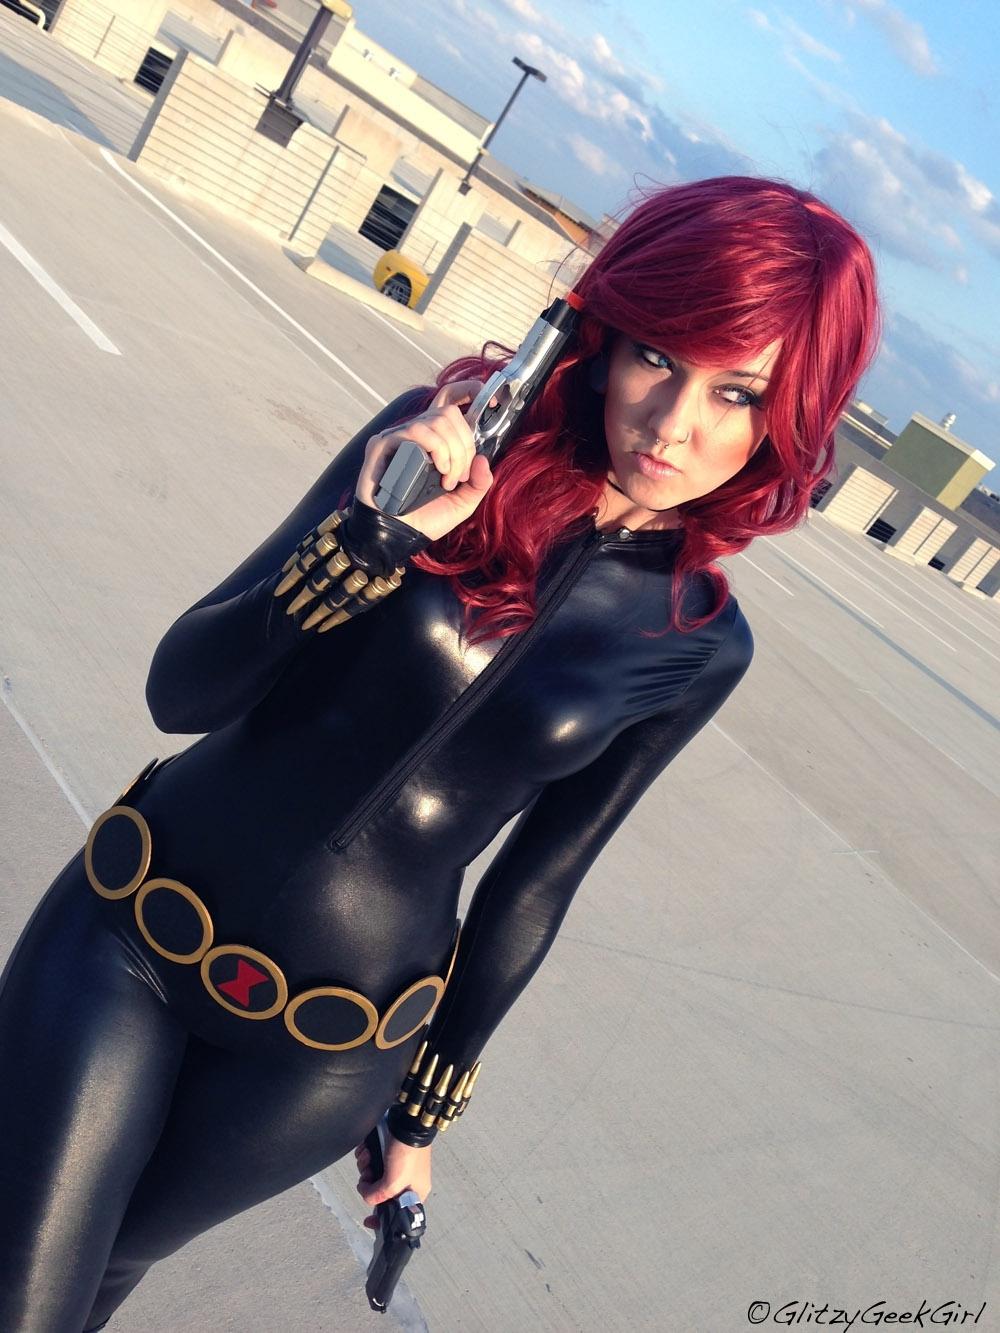 Black Widow Cosplay by glitzygeekgirl